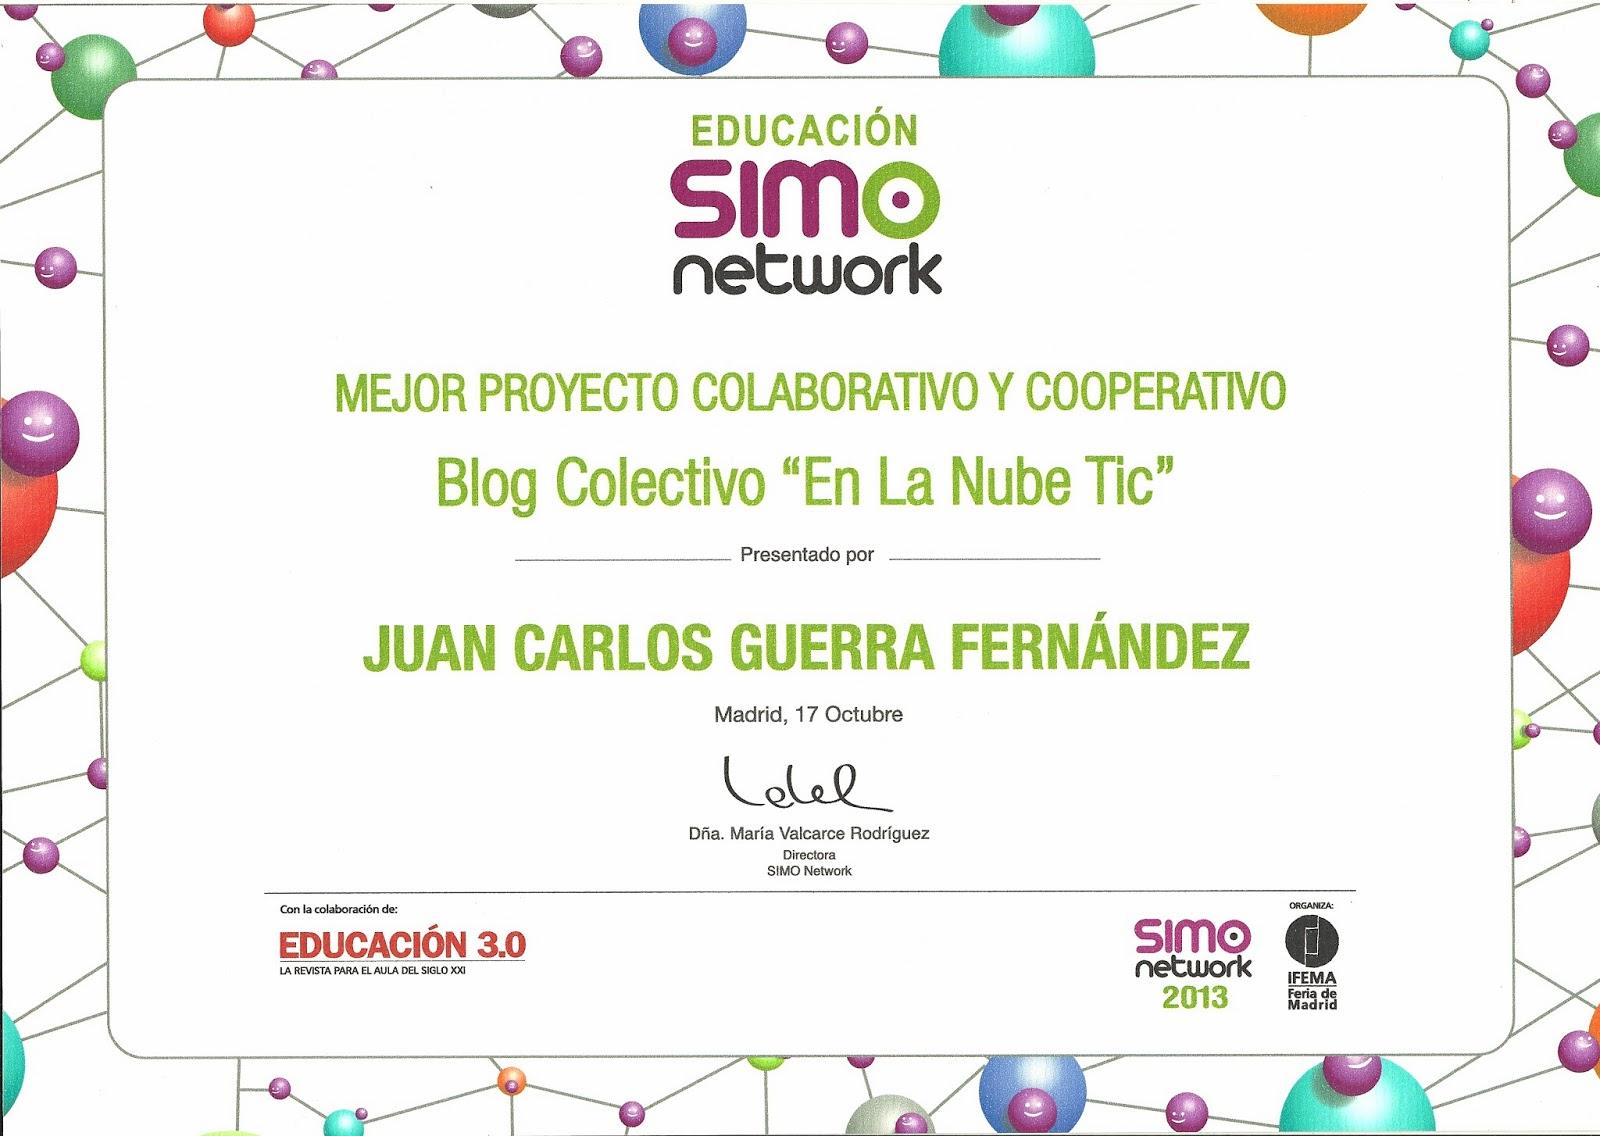 En la nube TIC premiado en SIMO Network Educación 2013